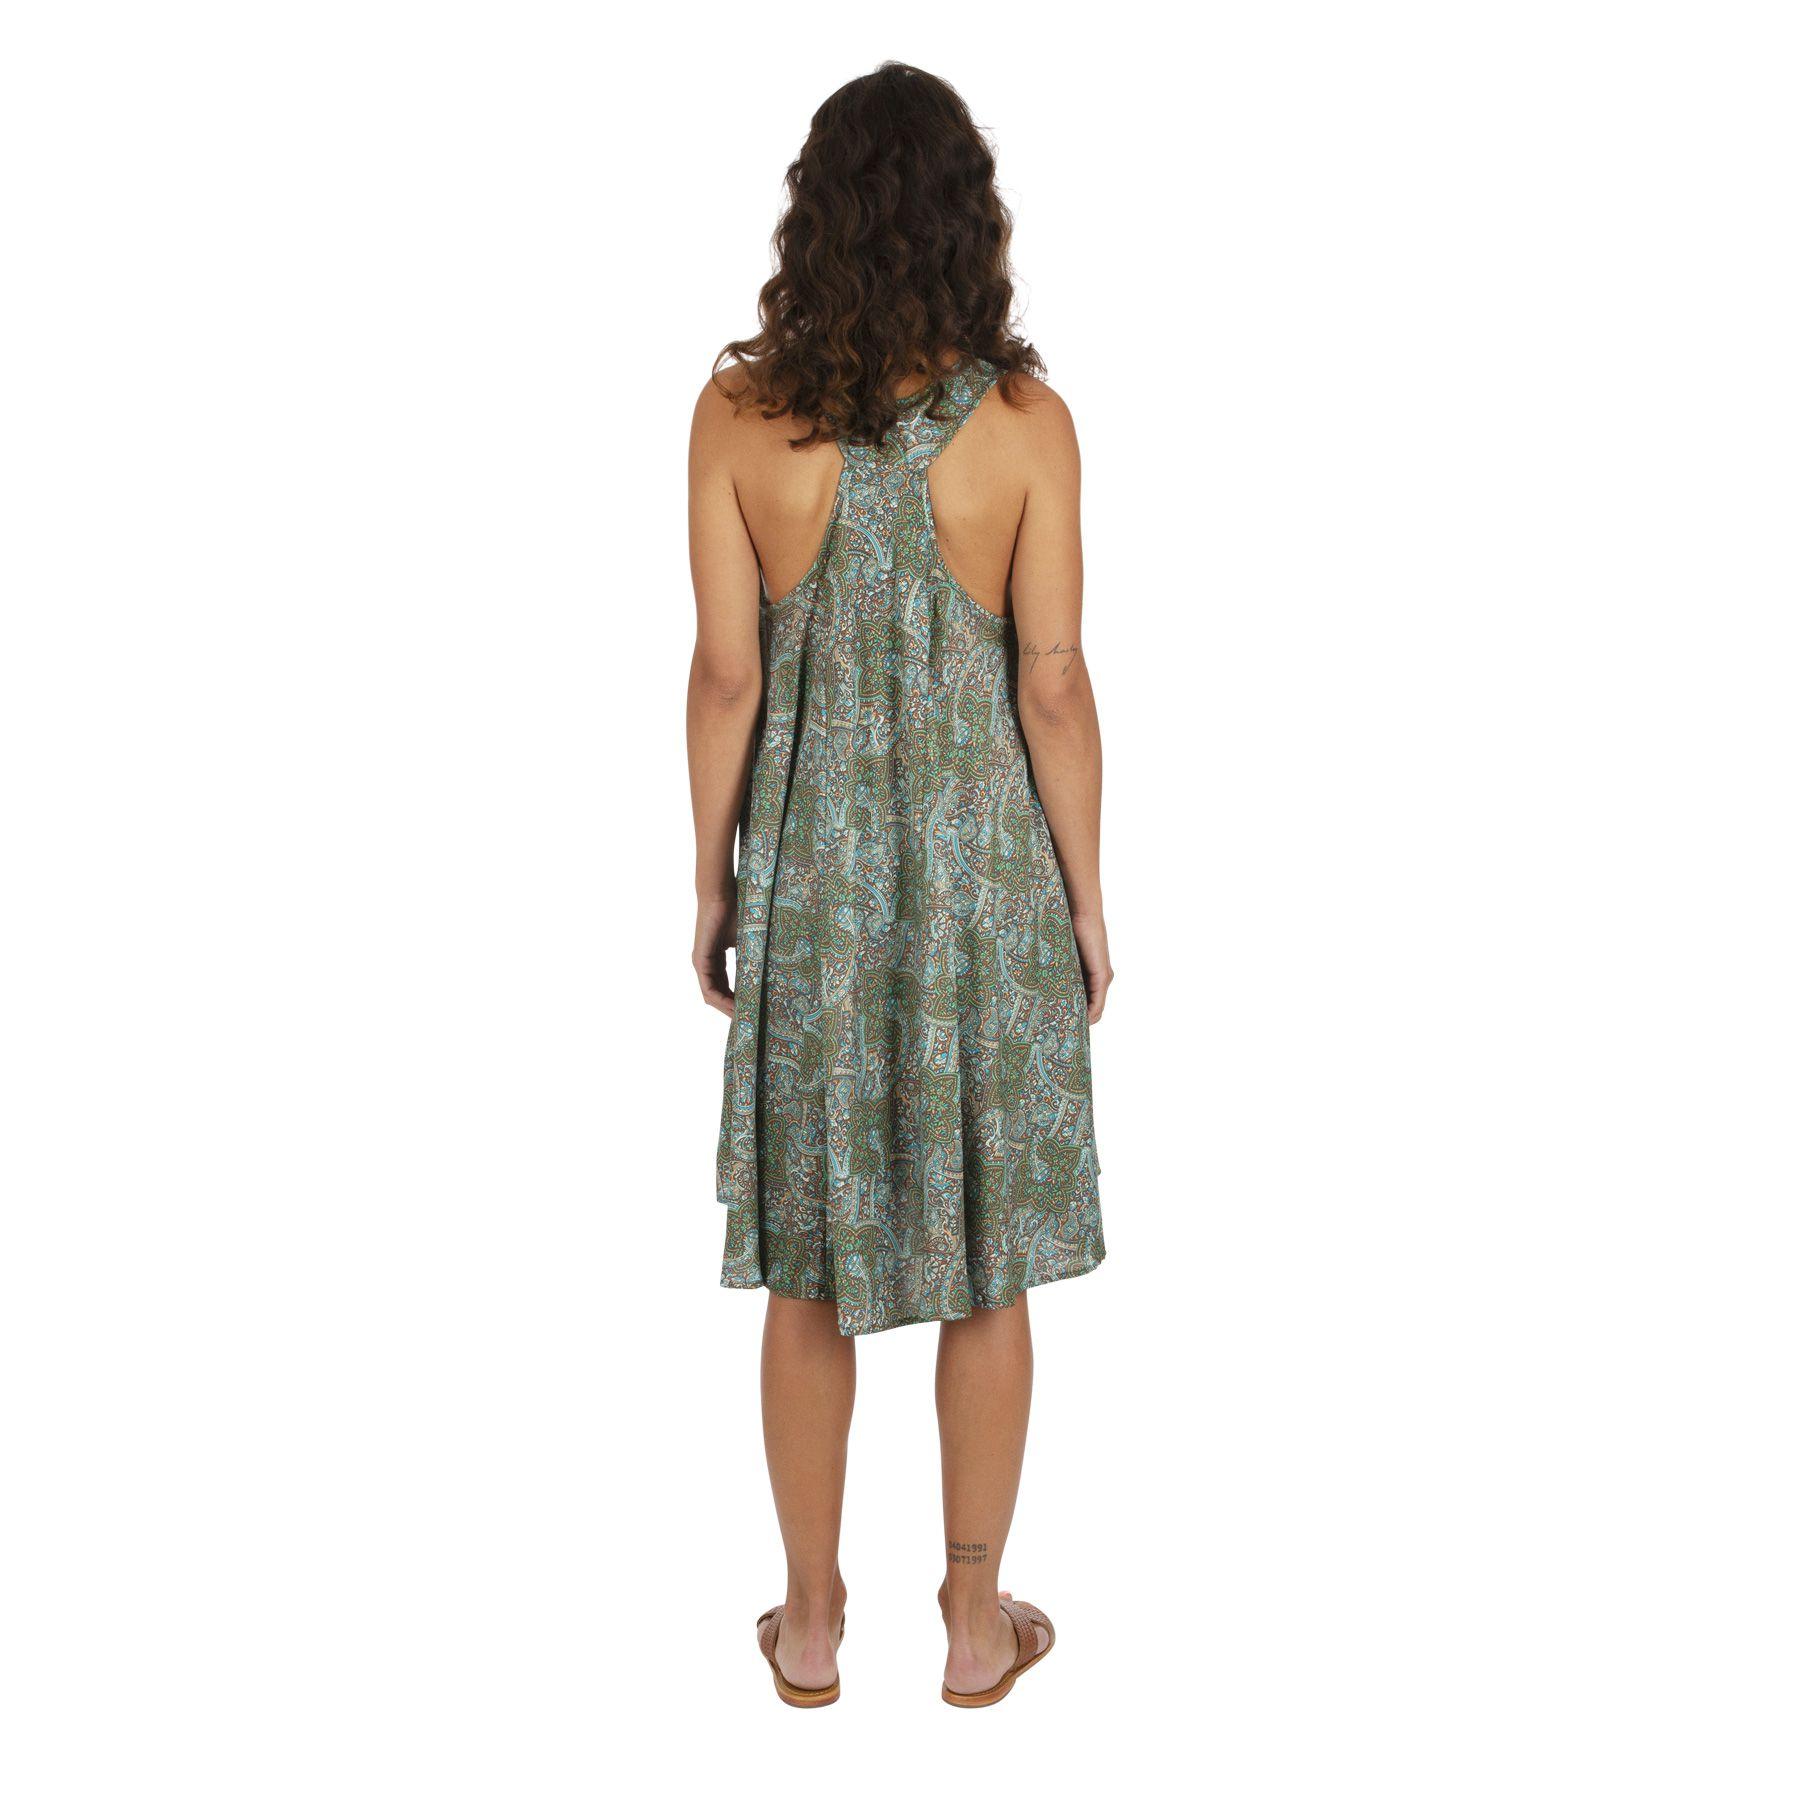 Robe à dos nageur imprimé bohème chic glamour Laeticia